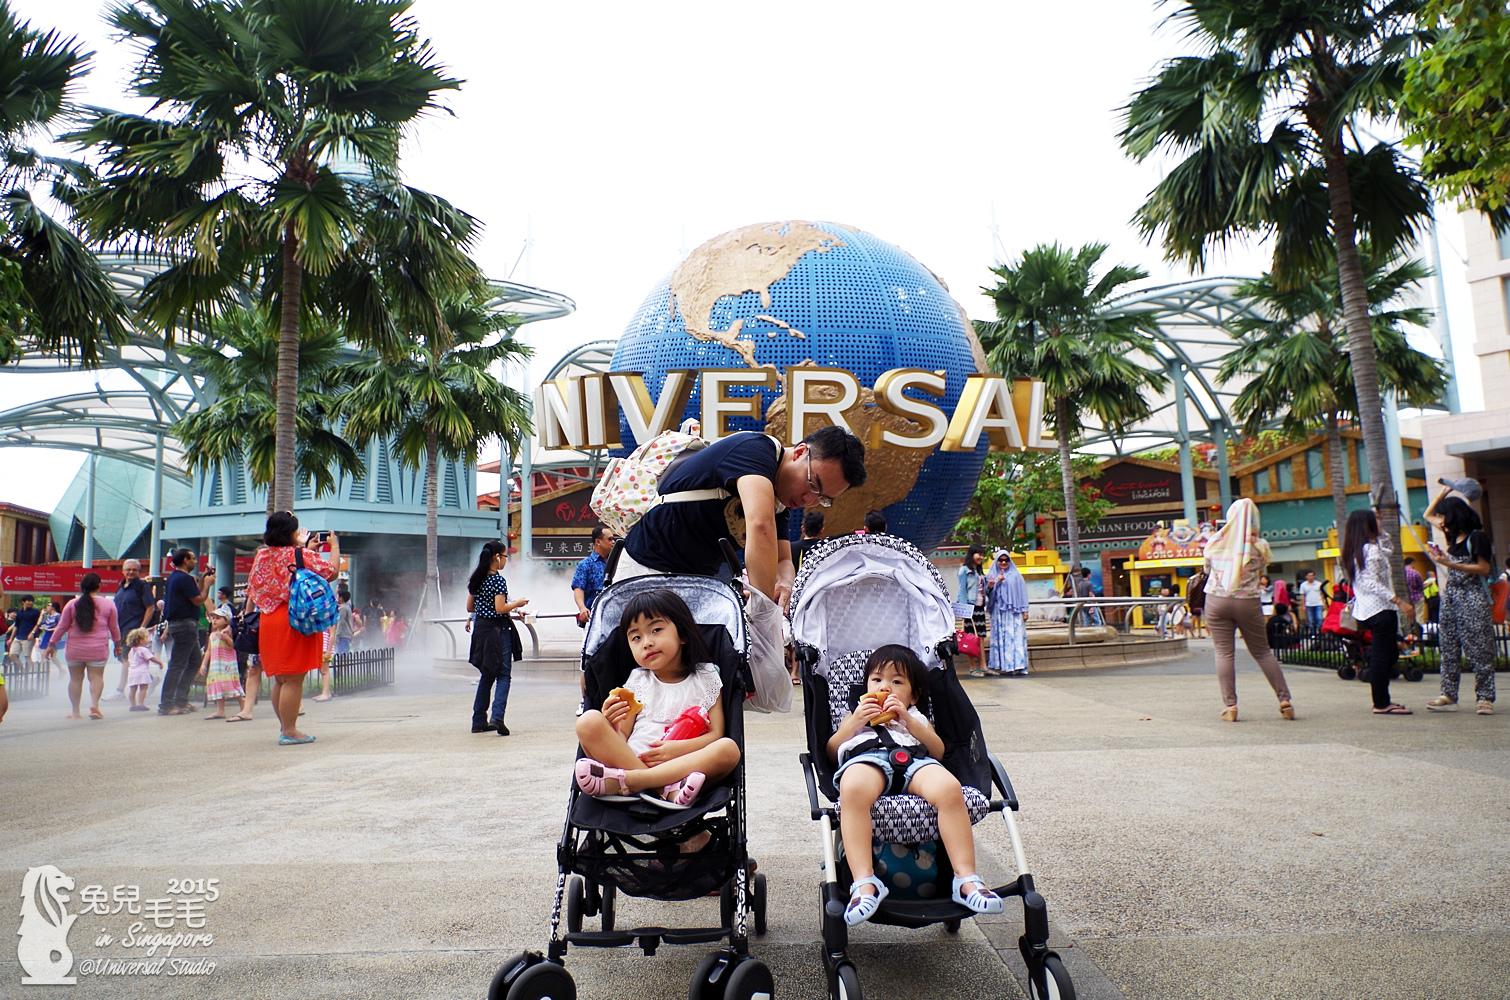 0214-Universal Studio-02.jpg